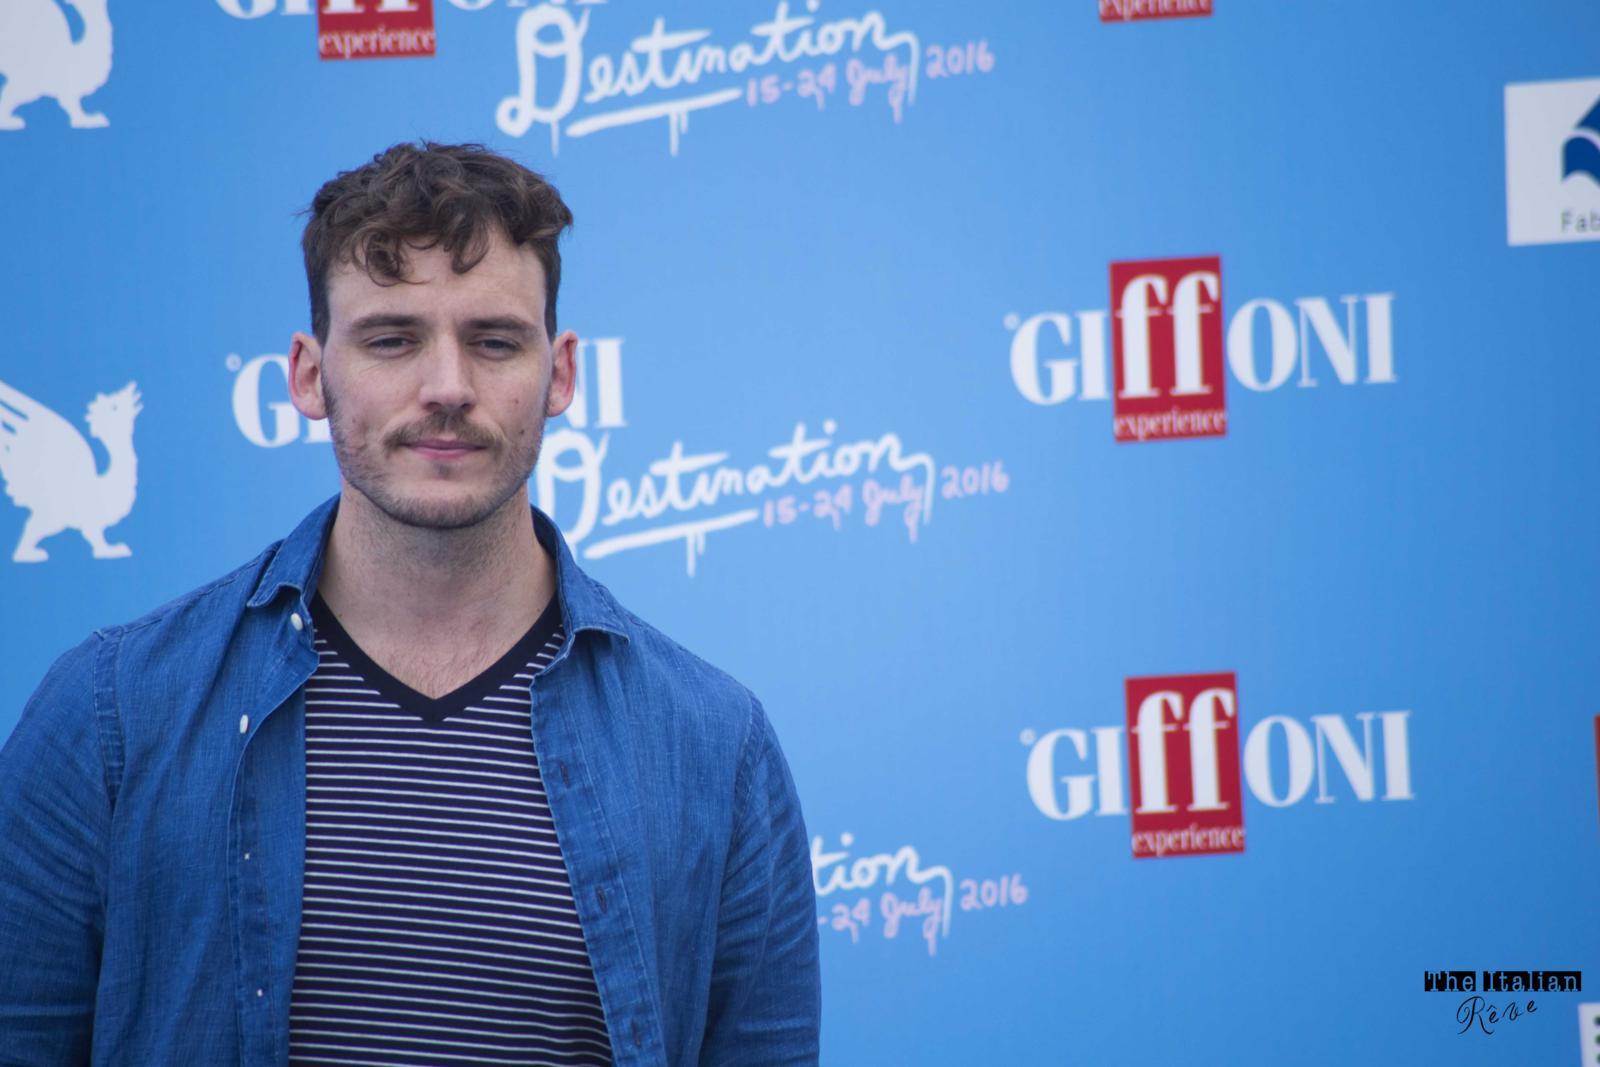 Sam Claflin Giffoni Film Festival 2016